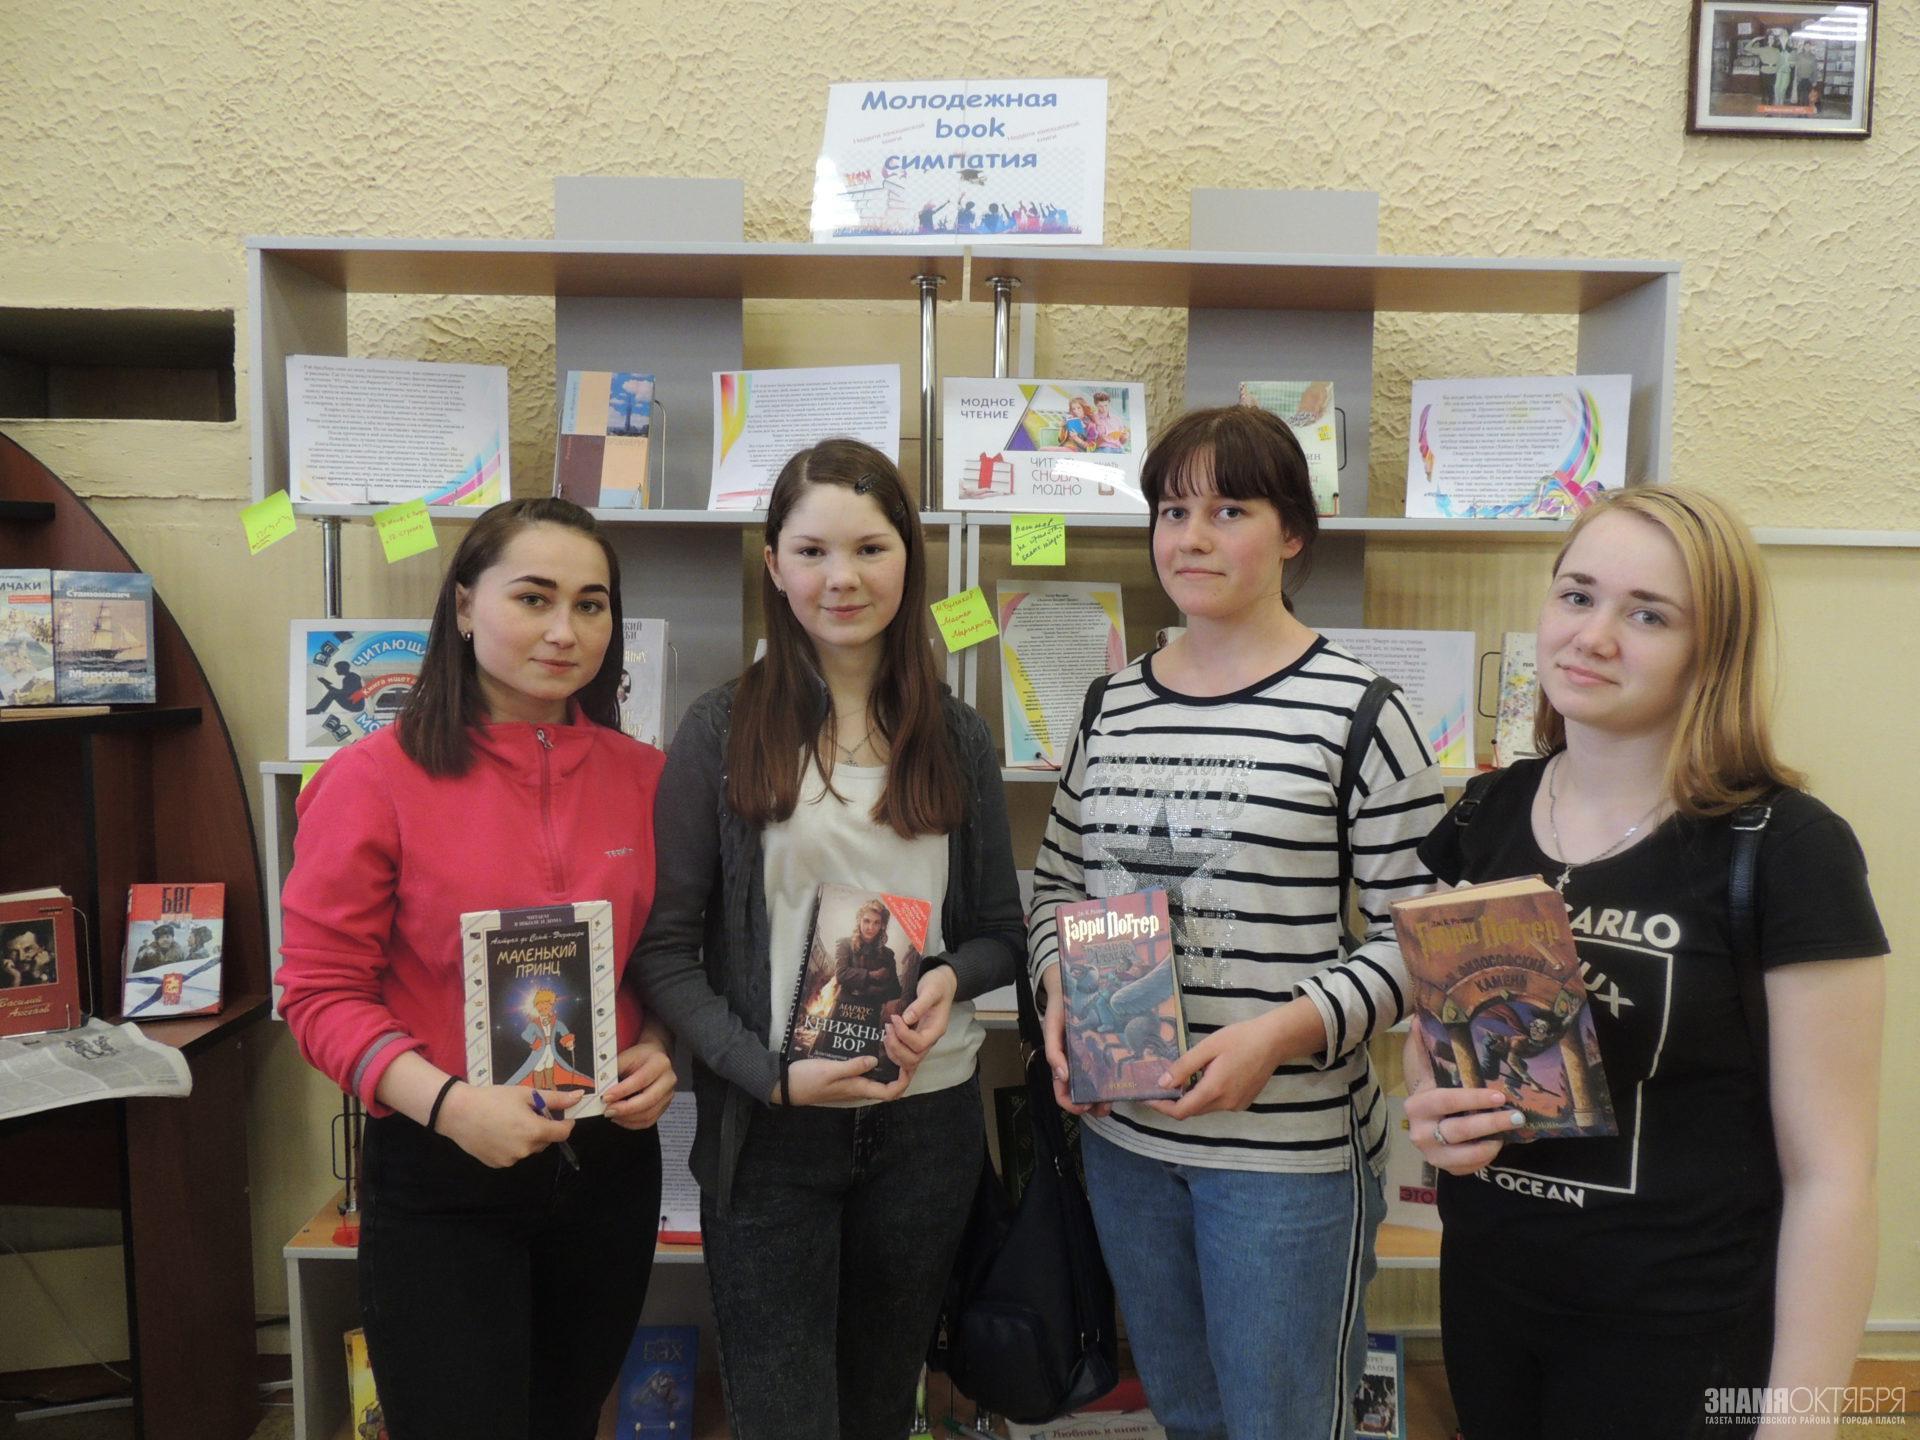 Выставка - совет «Молодежная book симпатия».